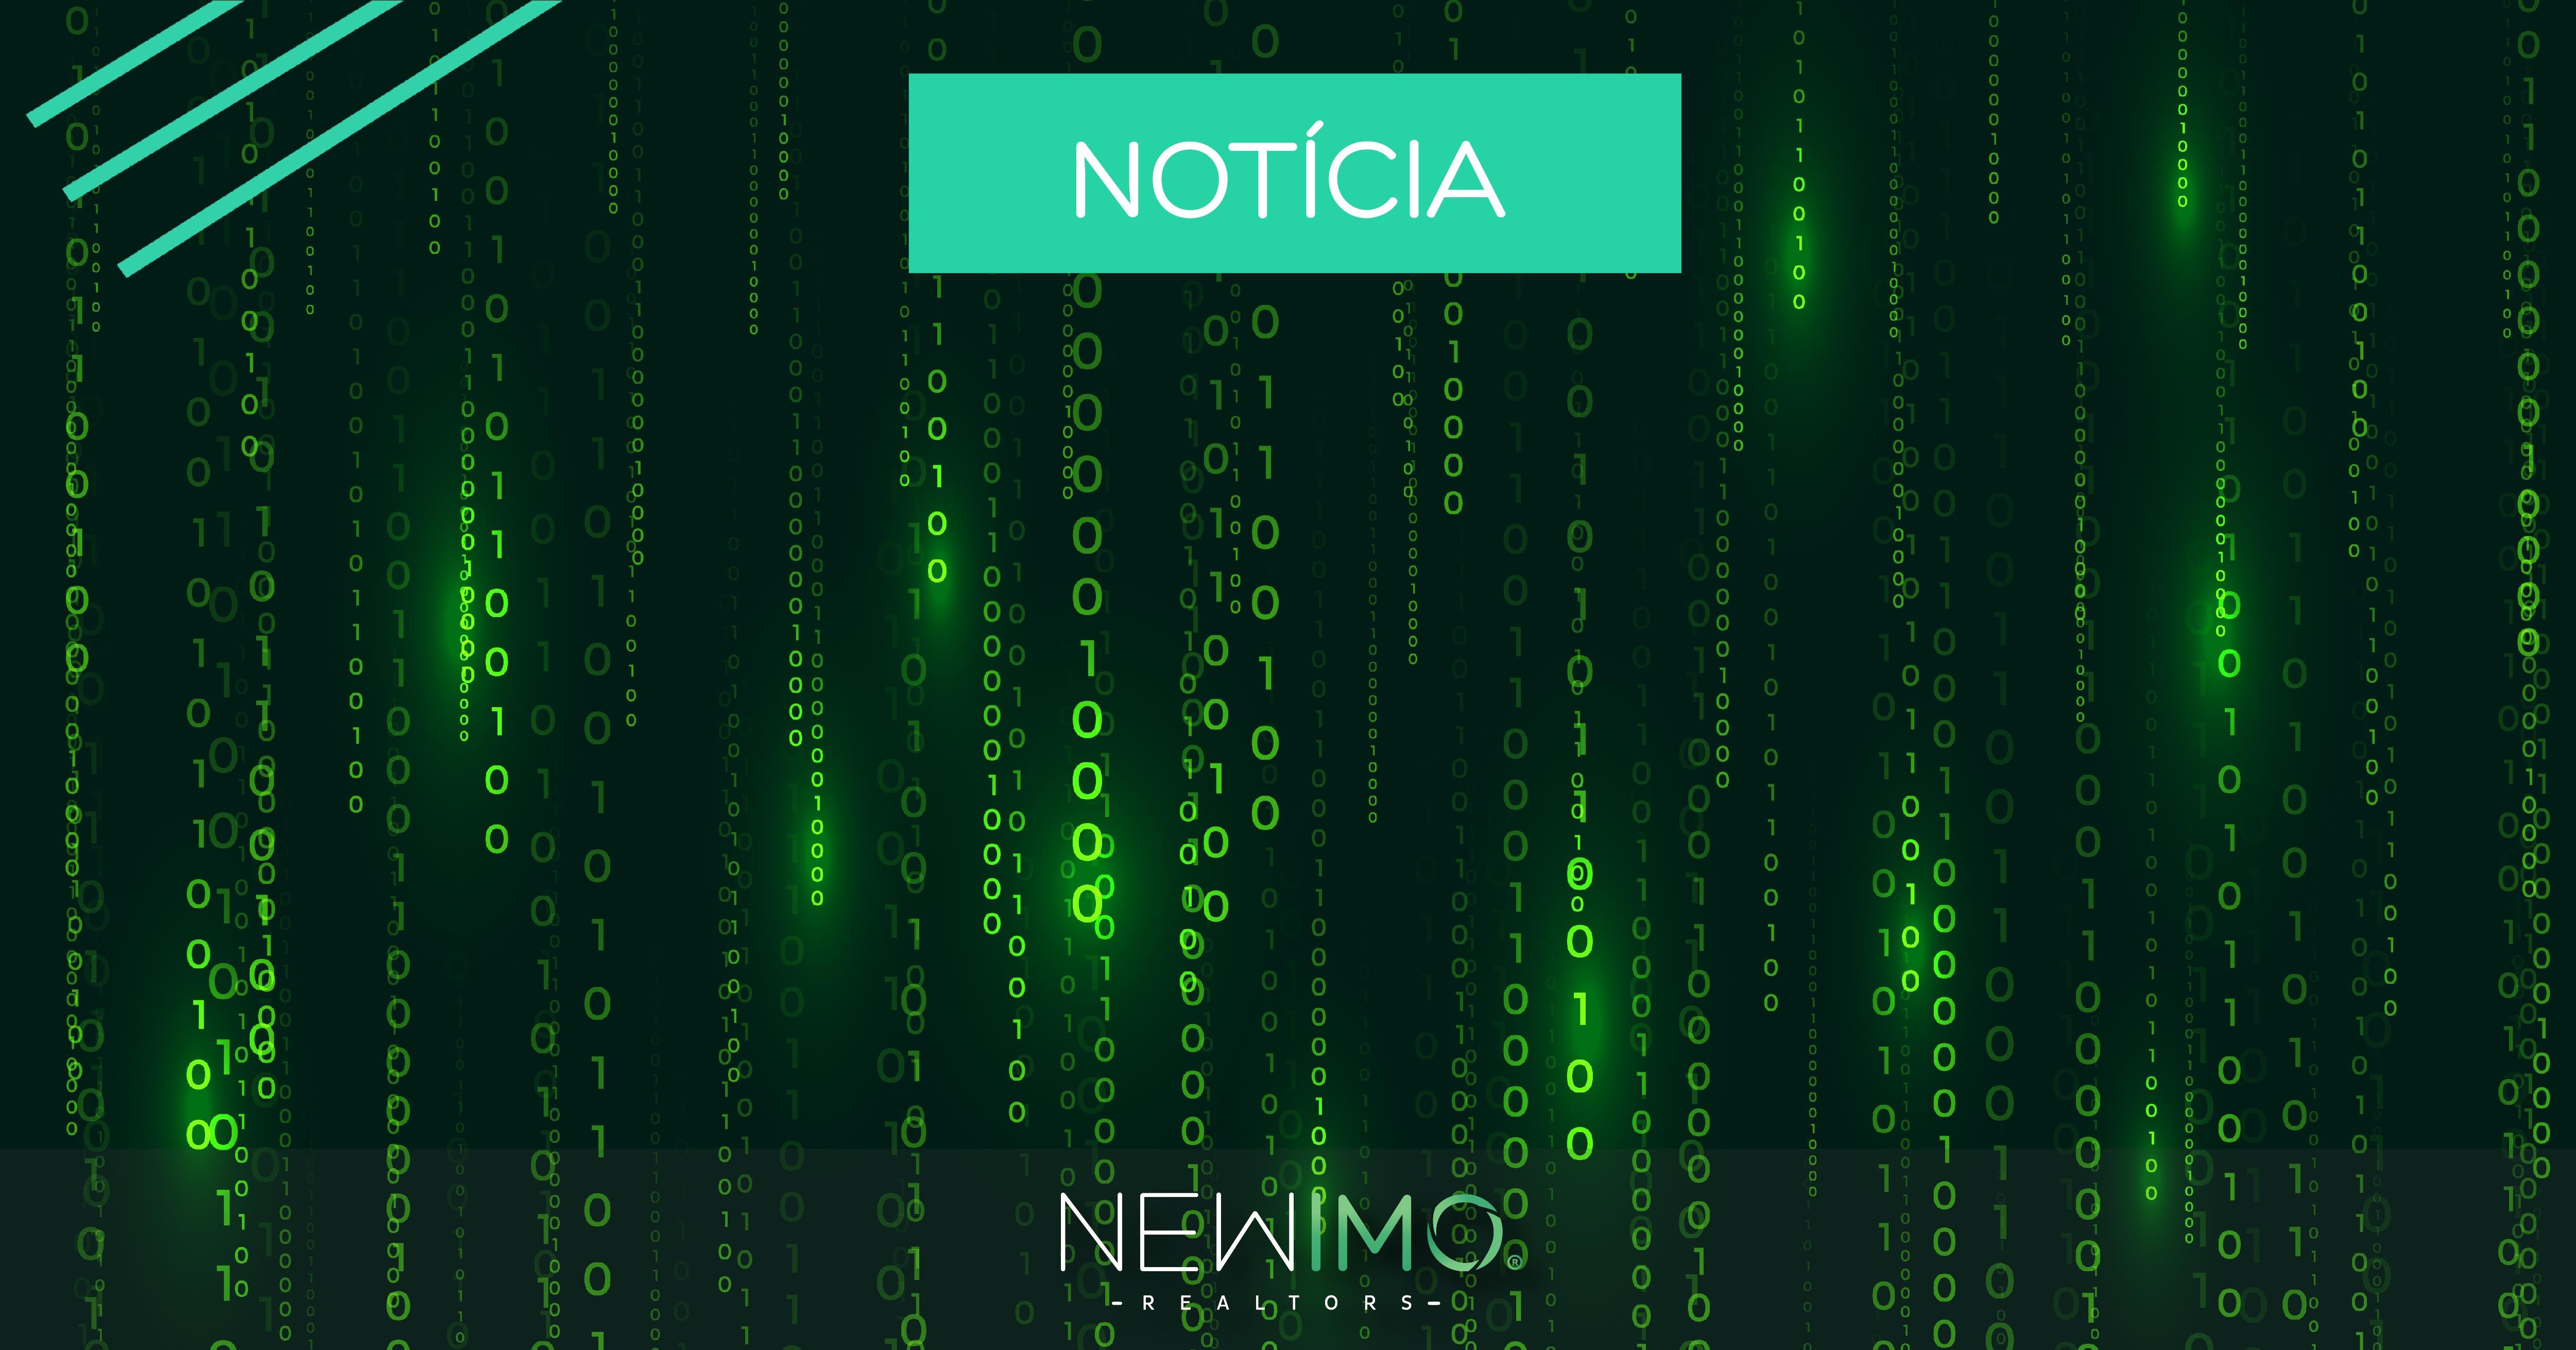 Merlin escolhe Lisboa para construir um dos seus quatro novos data centers neutros em carbono